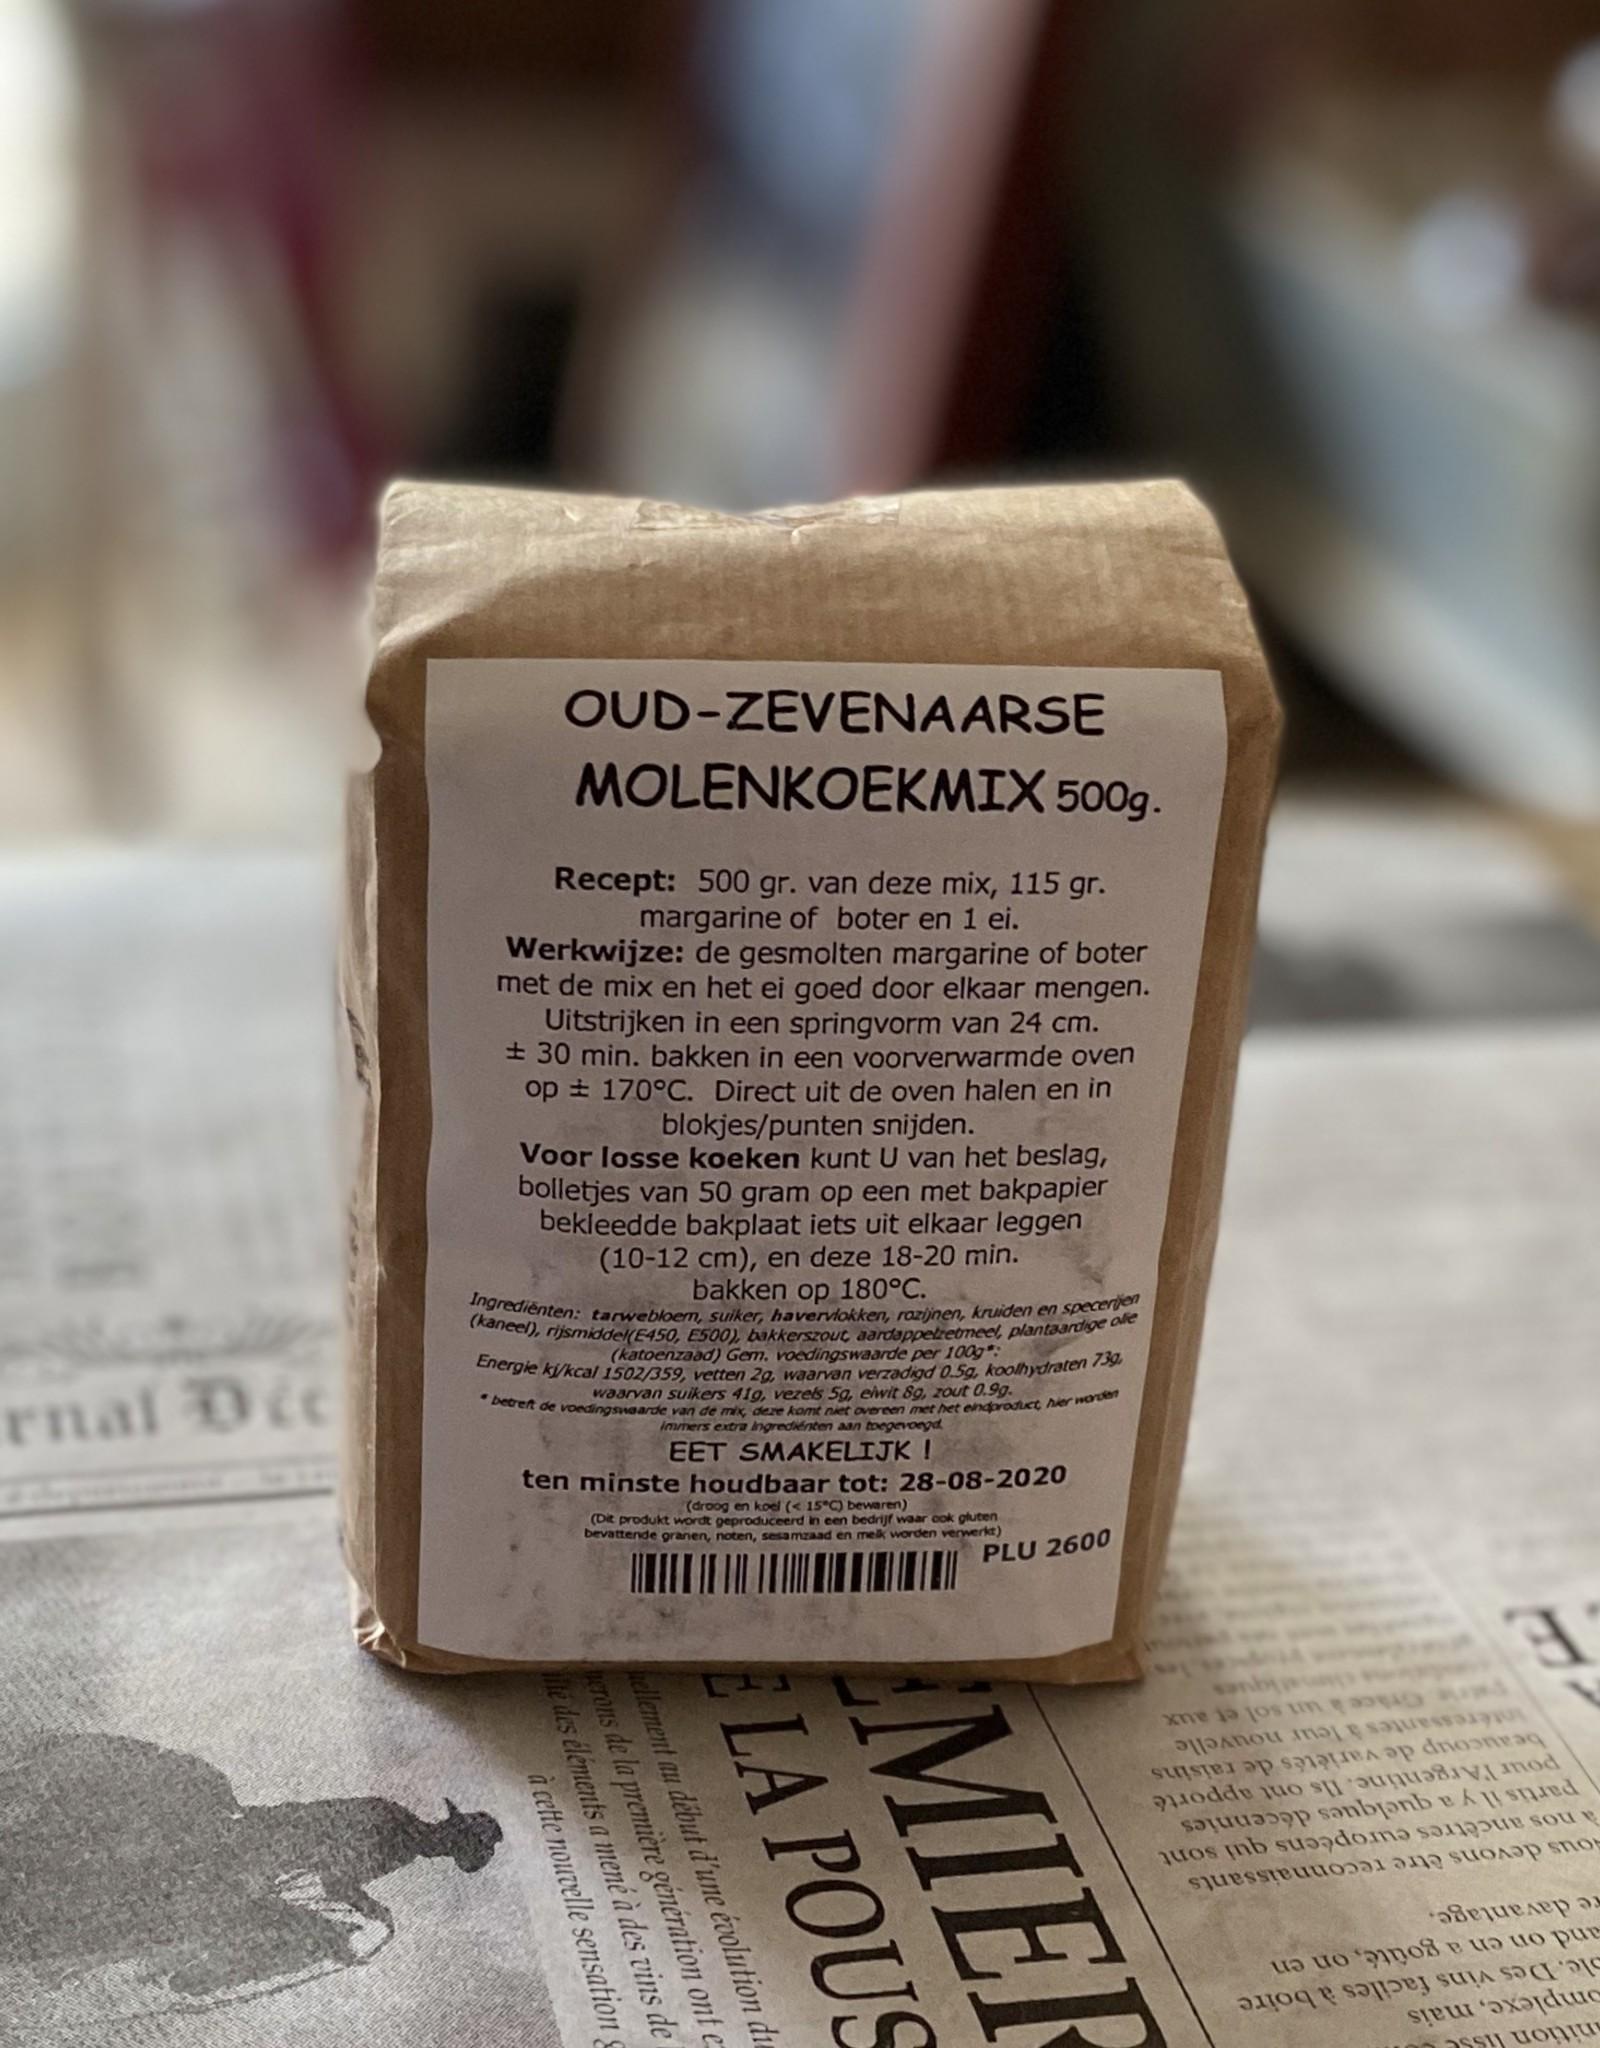 Oud Zevenaarse Molenkoekmix